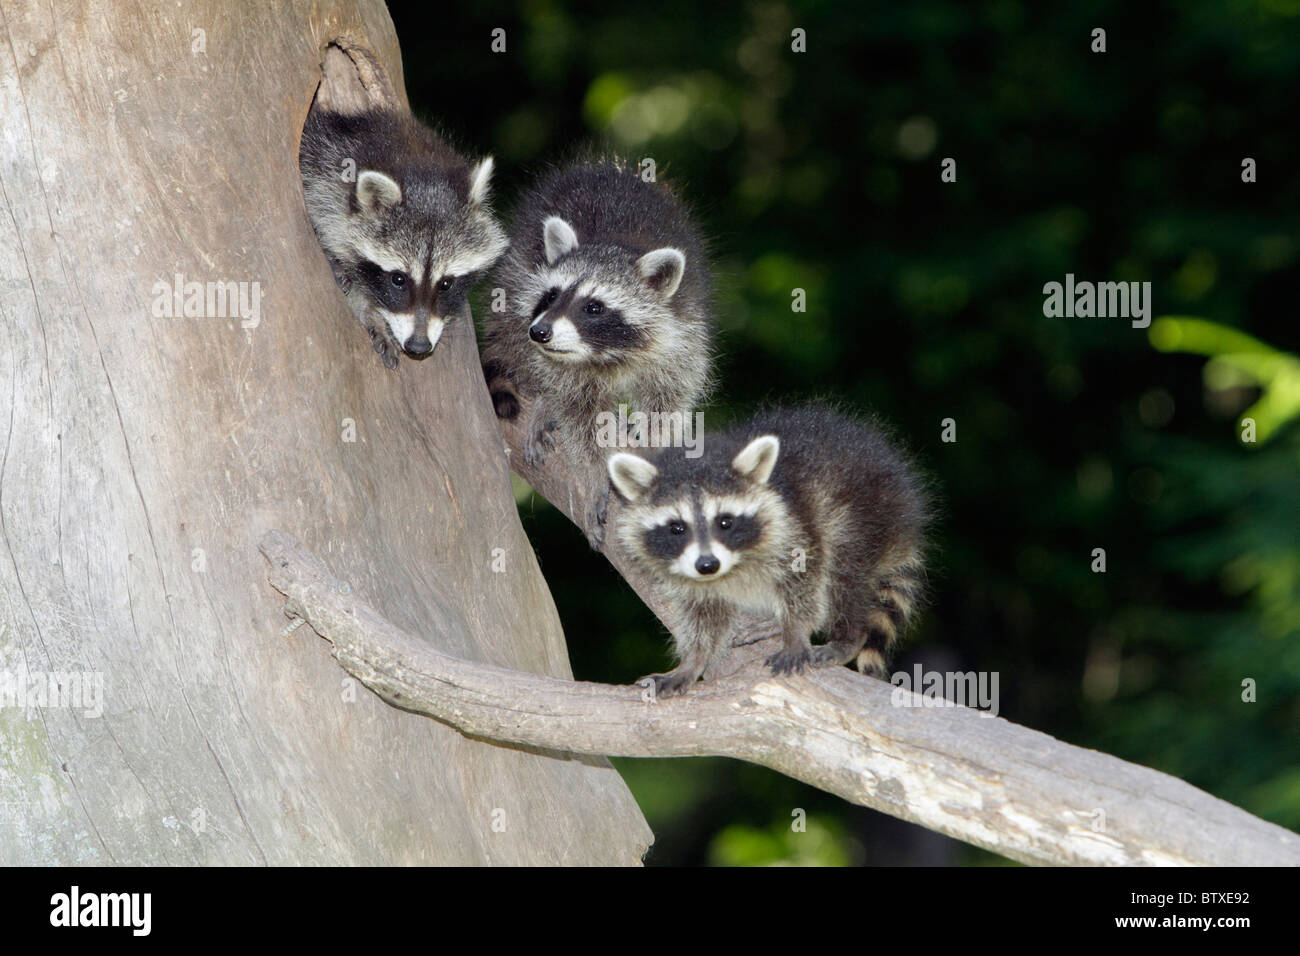 Le raton laveur (Procyon lotor), trois bébés animaux, assis en face de l'entrée dans la souche Photo Stock